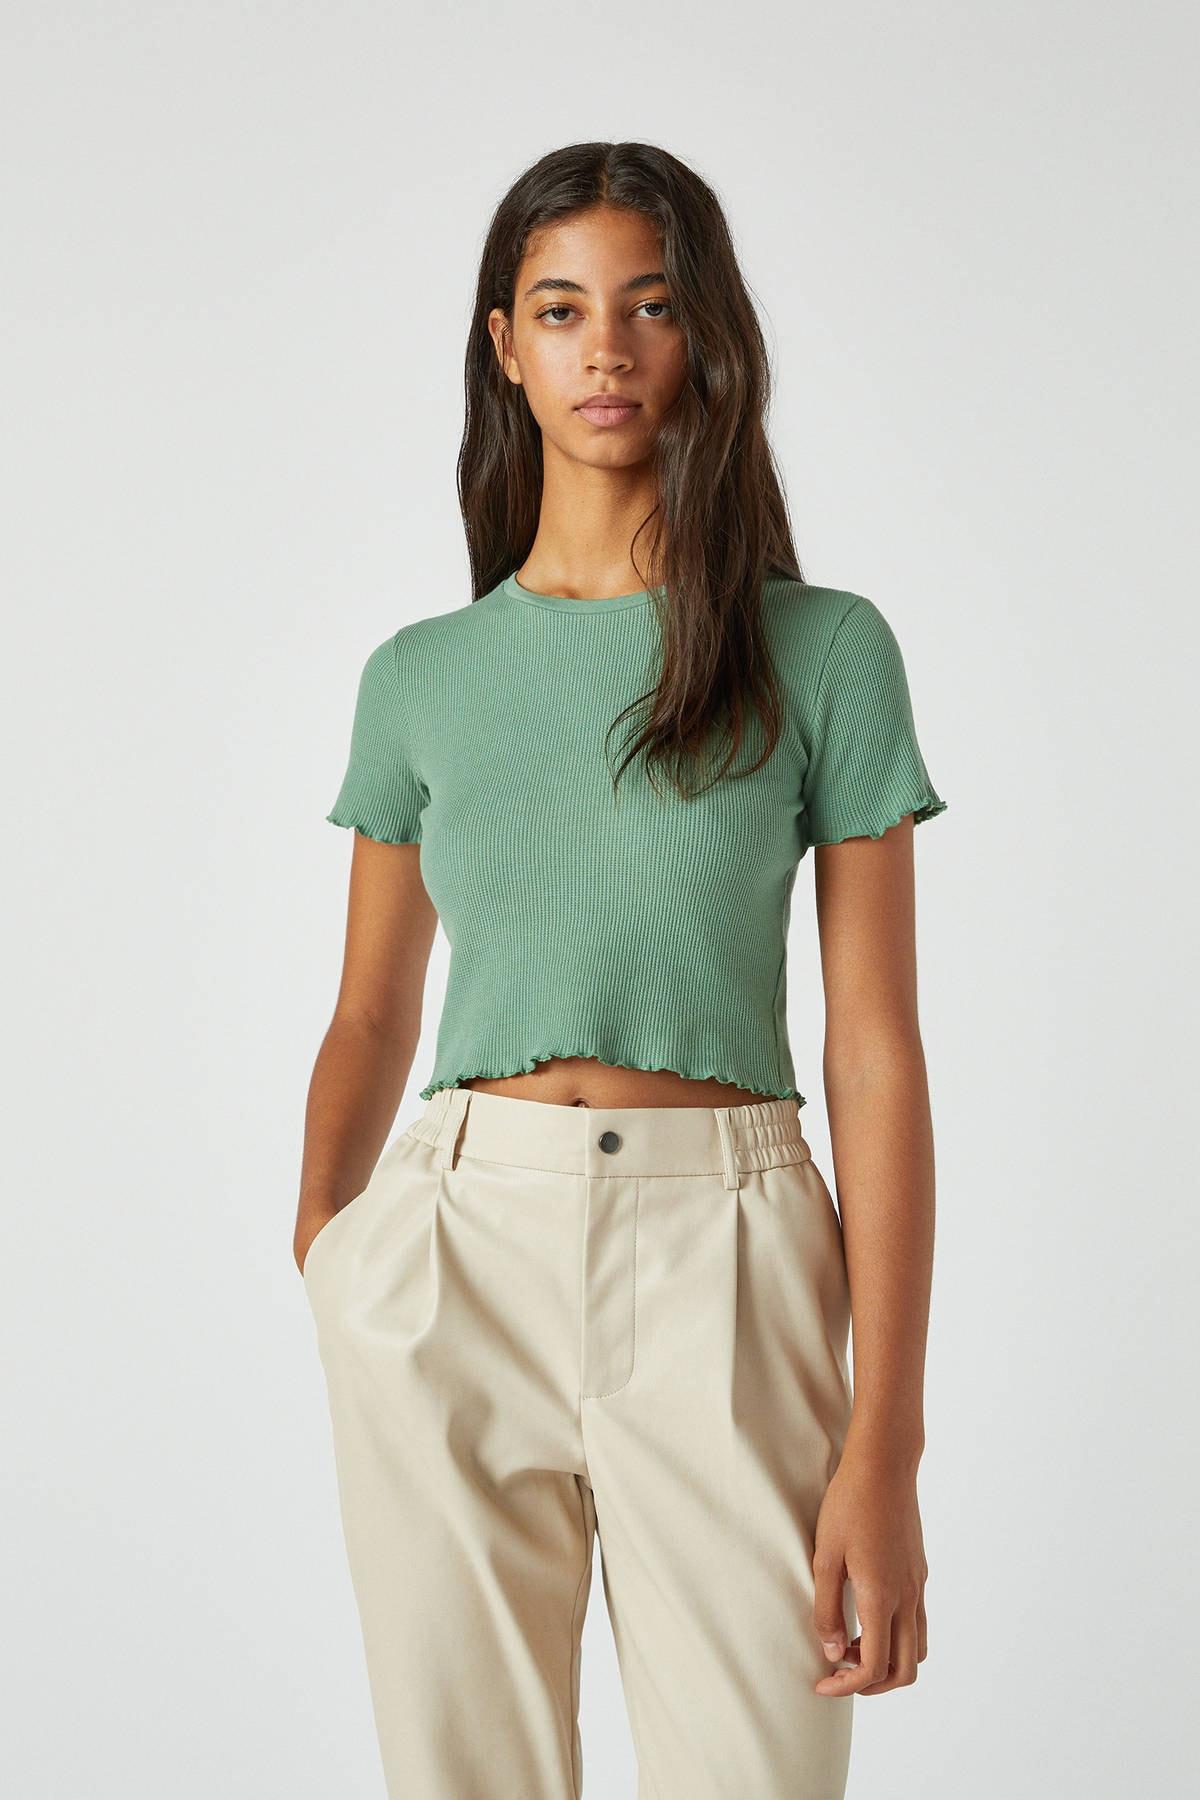 Pull & Bear Kadın Yeşil Kıvrımlı Kenarlı Basic T-Shirt 05234369 1